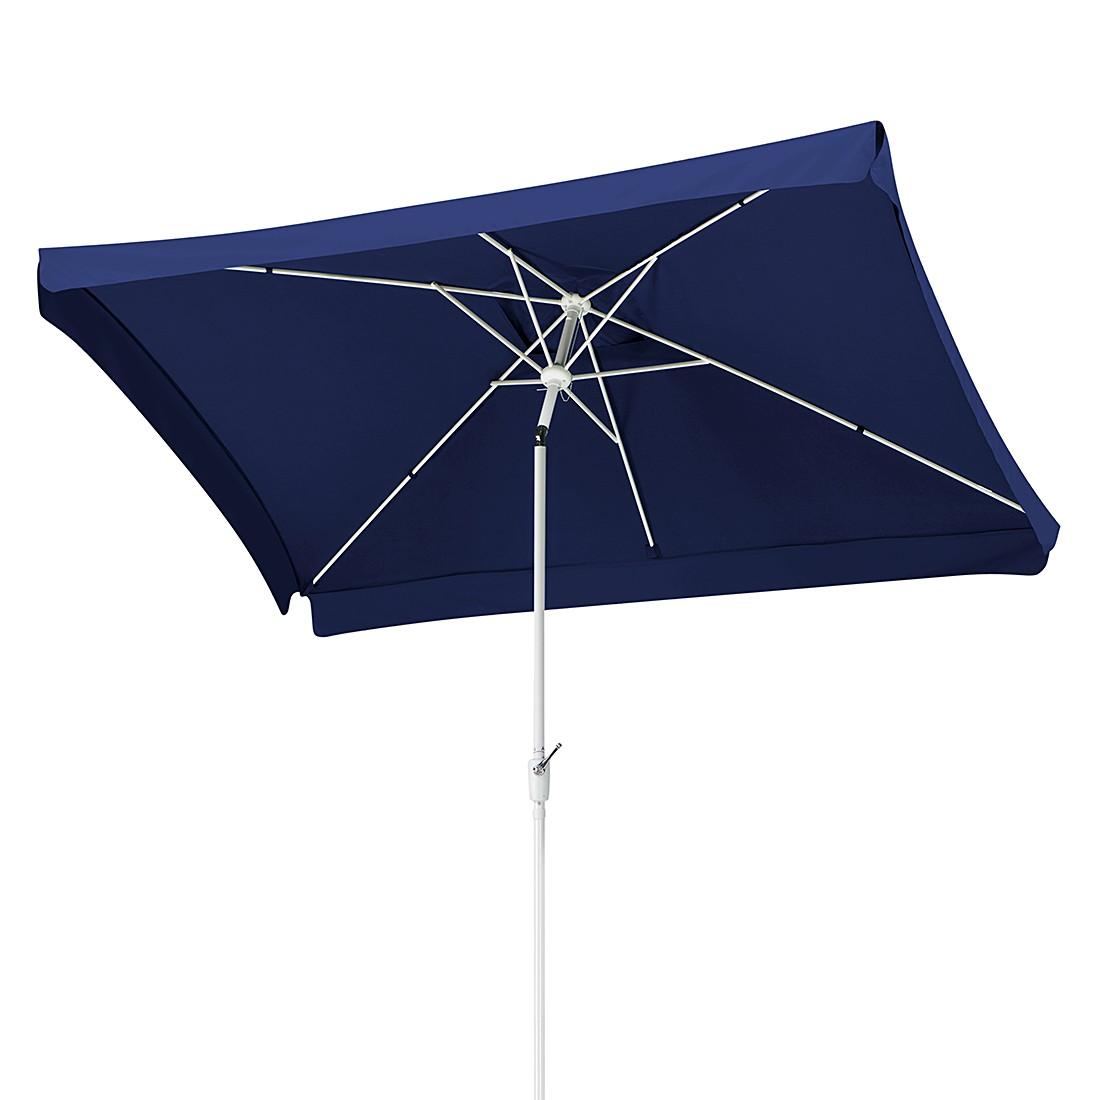 Oslo 200x300 Sonnenschirm - Aluminium/Polyester - Weiß/Blau, Schneider Schirme